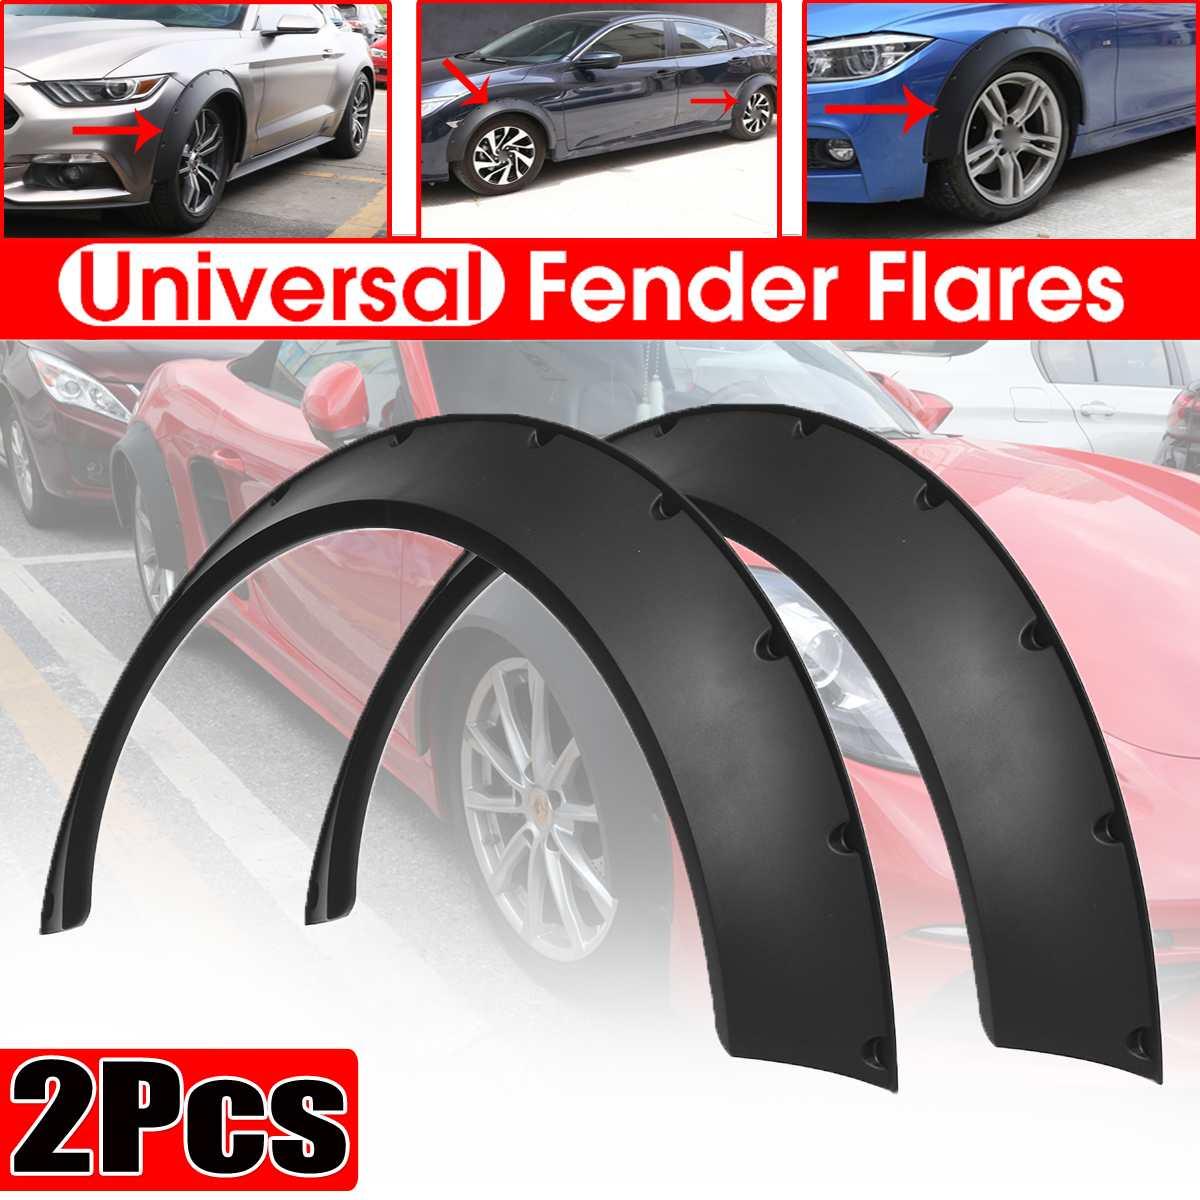 Universal 2 pçs carro para fender flares para carros kits de corpo lama respingo guarda roda arcos extensão para bmw para benz para ford